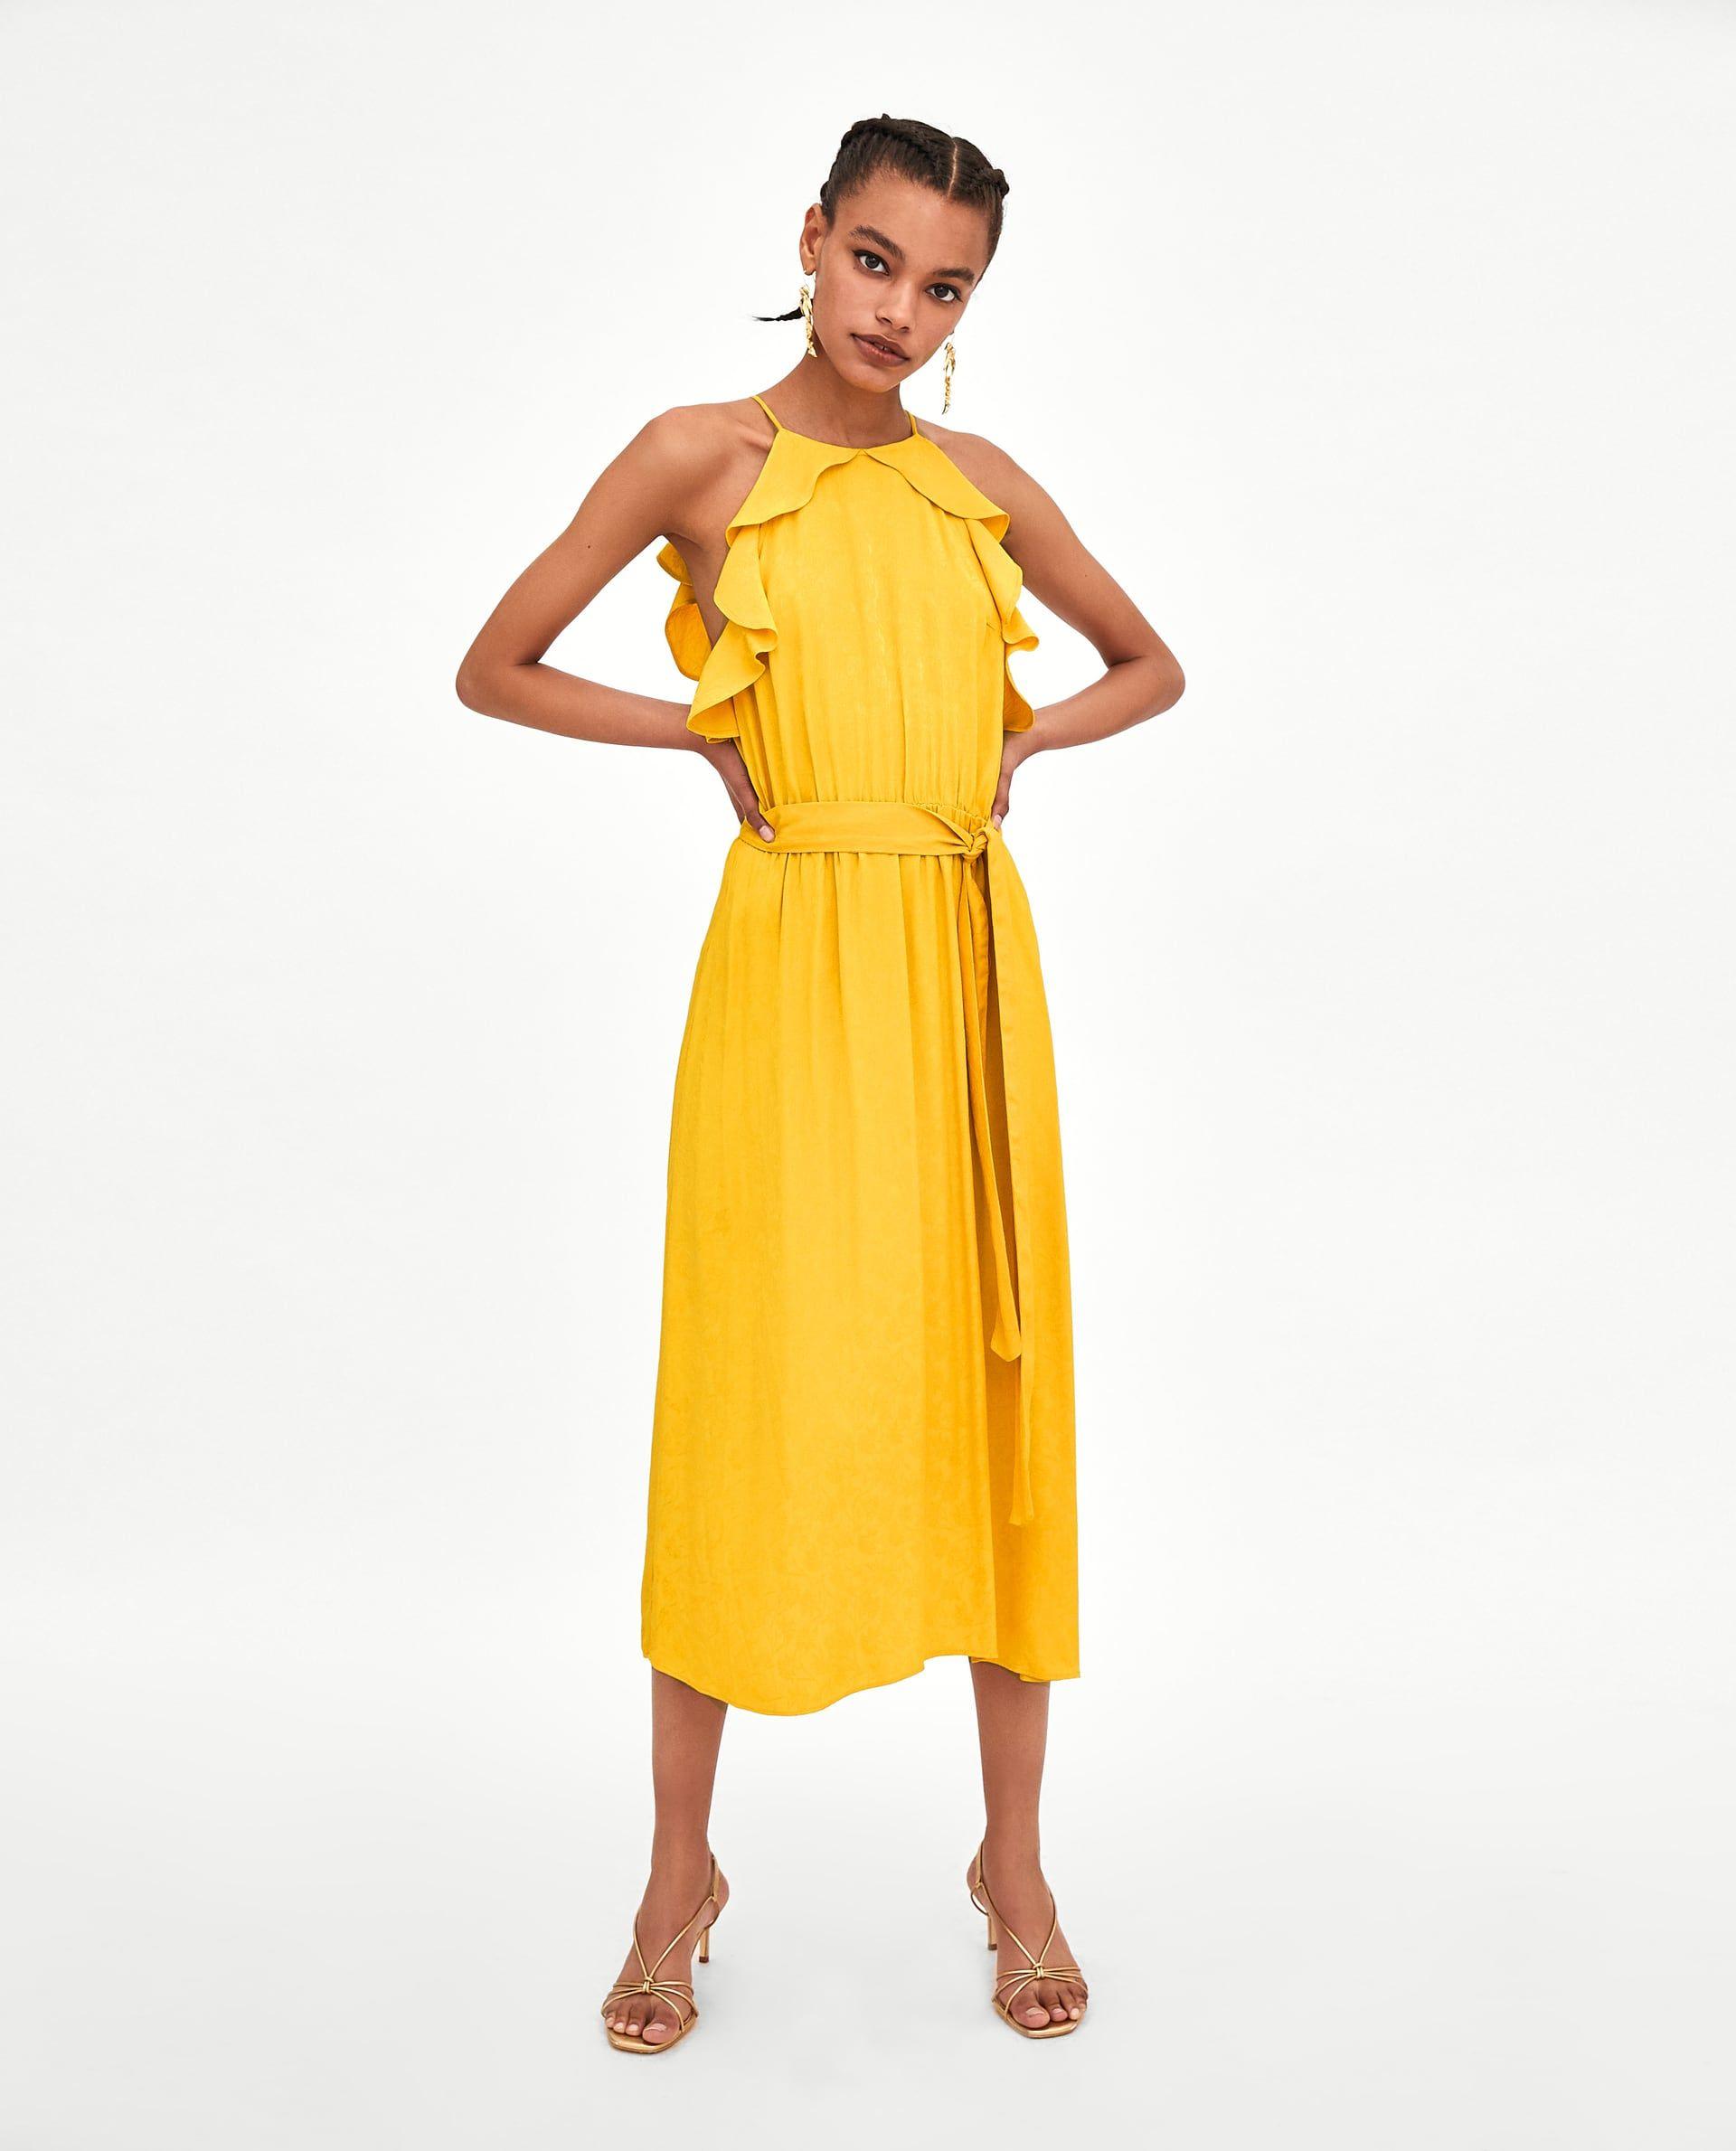 936f68bf1 ZARA - FEMME - ROBE LONGUE EN JACQUARD Vestidos Largos